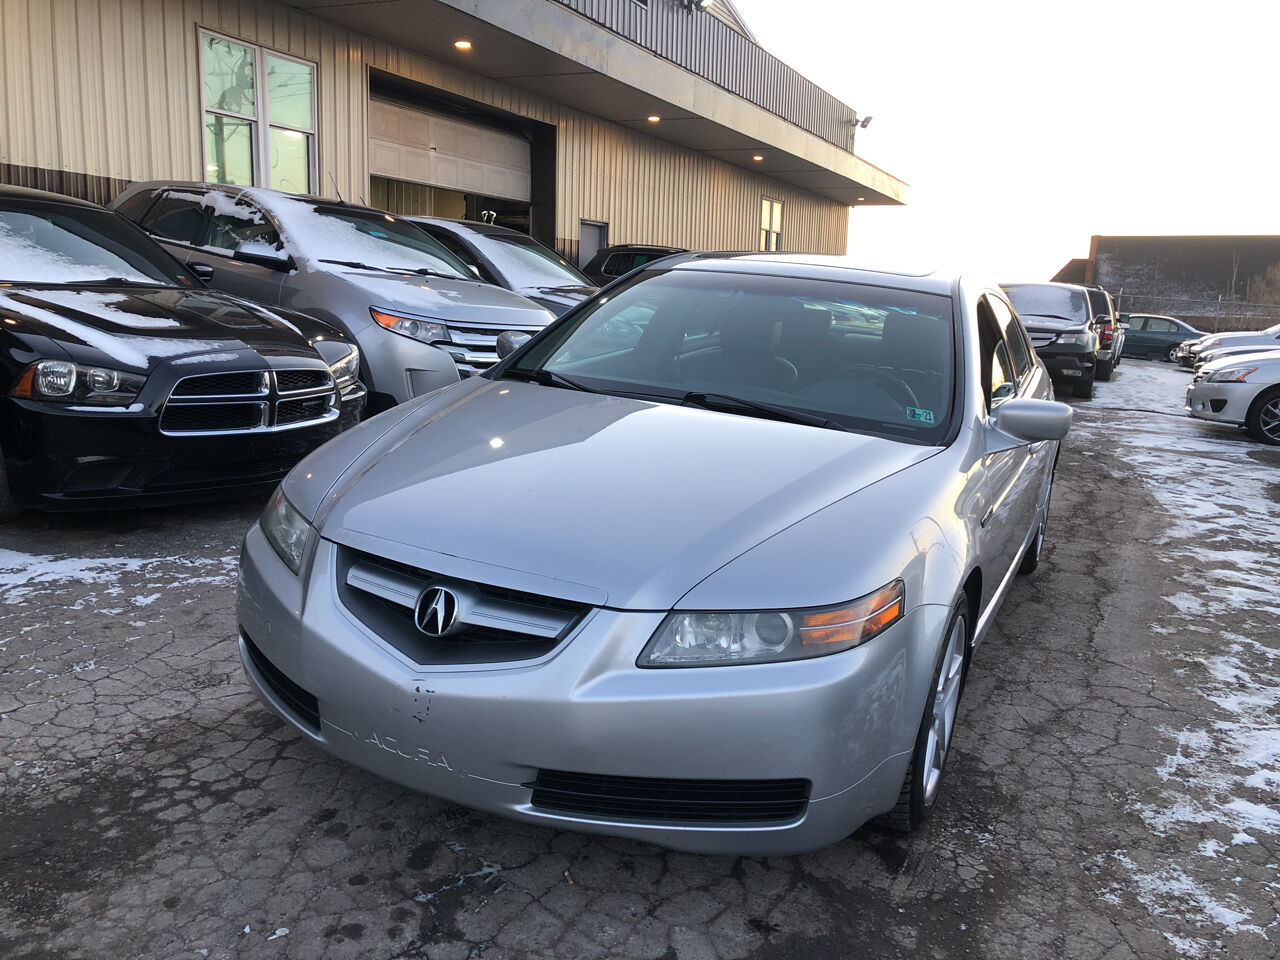 Used 2006 Acura Tl For Sale In Amarillo Tx Carsforsale Com